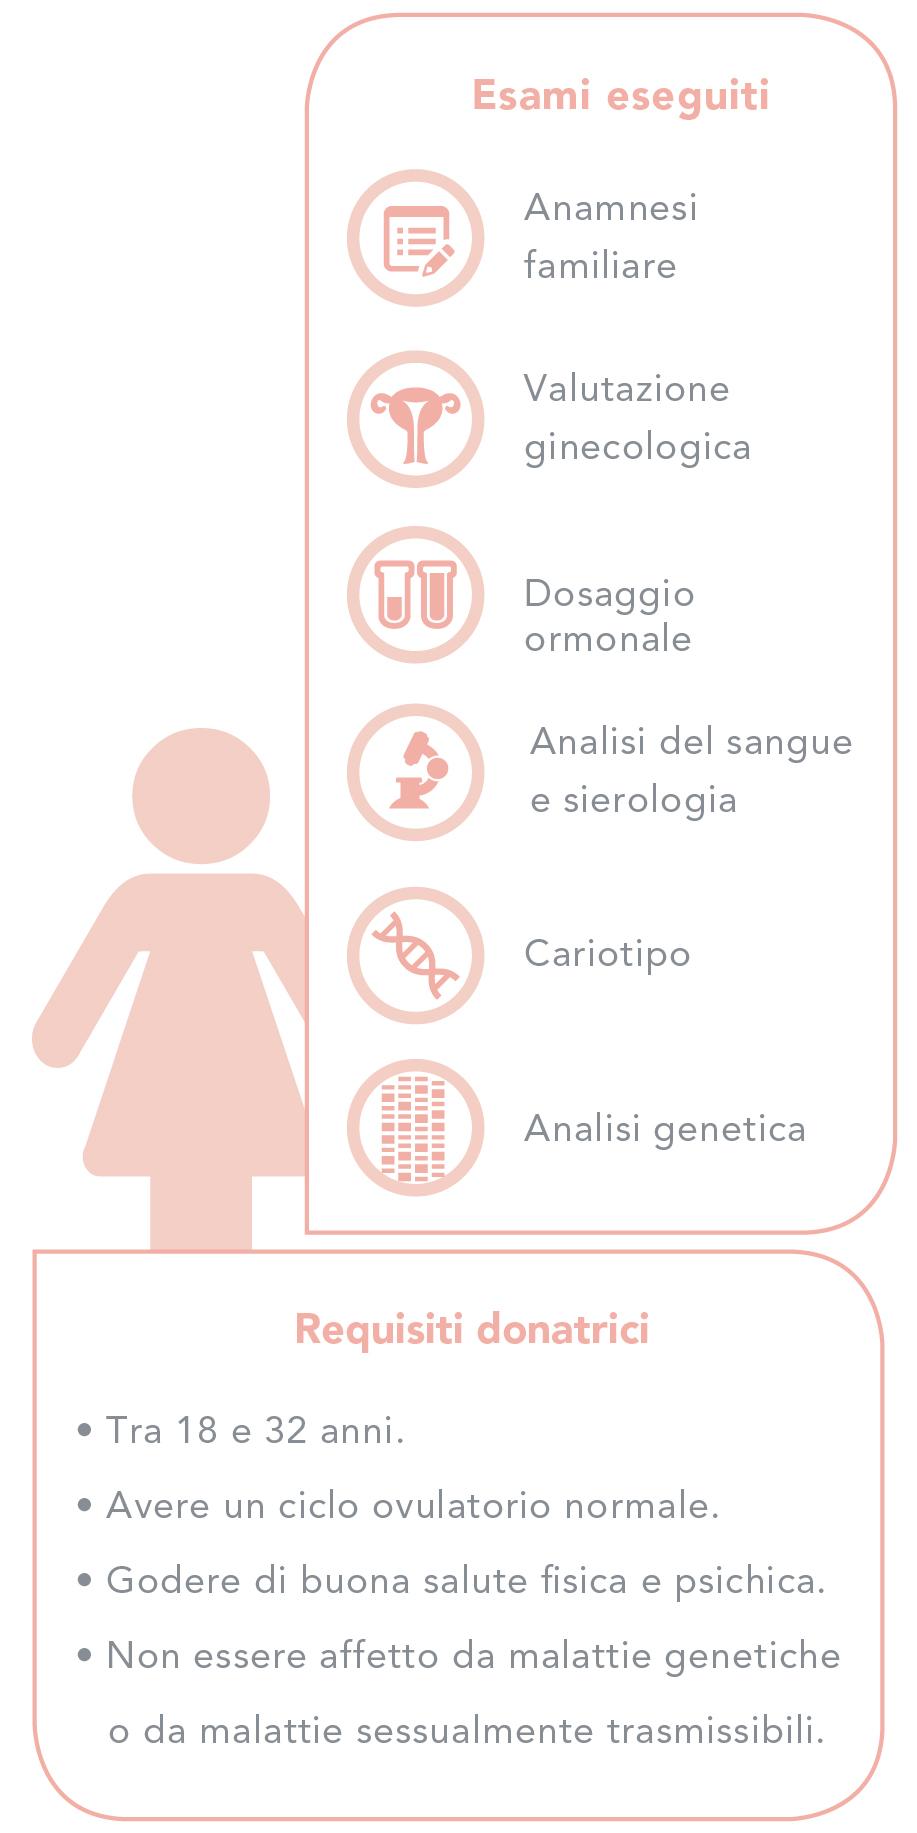 Selezione di donatori/donatrici e prove effettuate - Donne